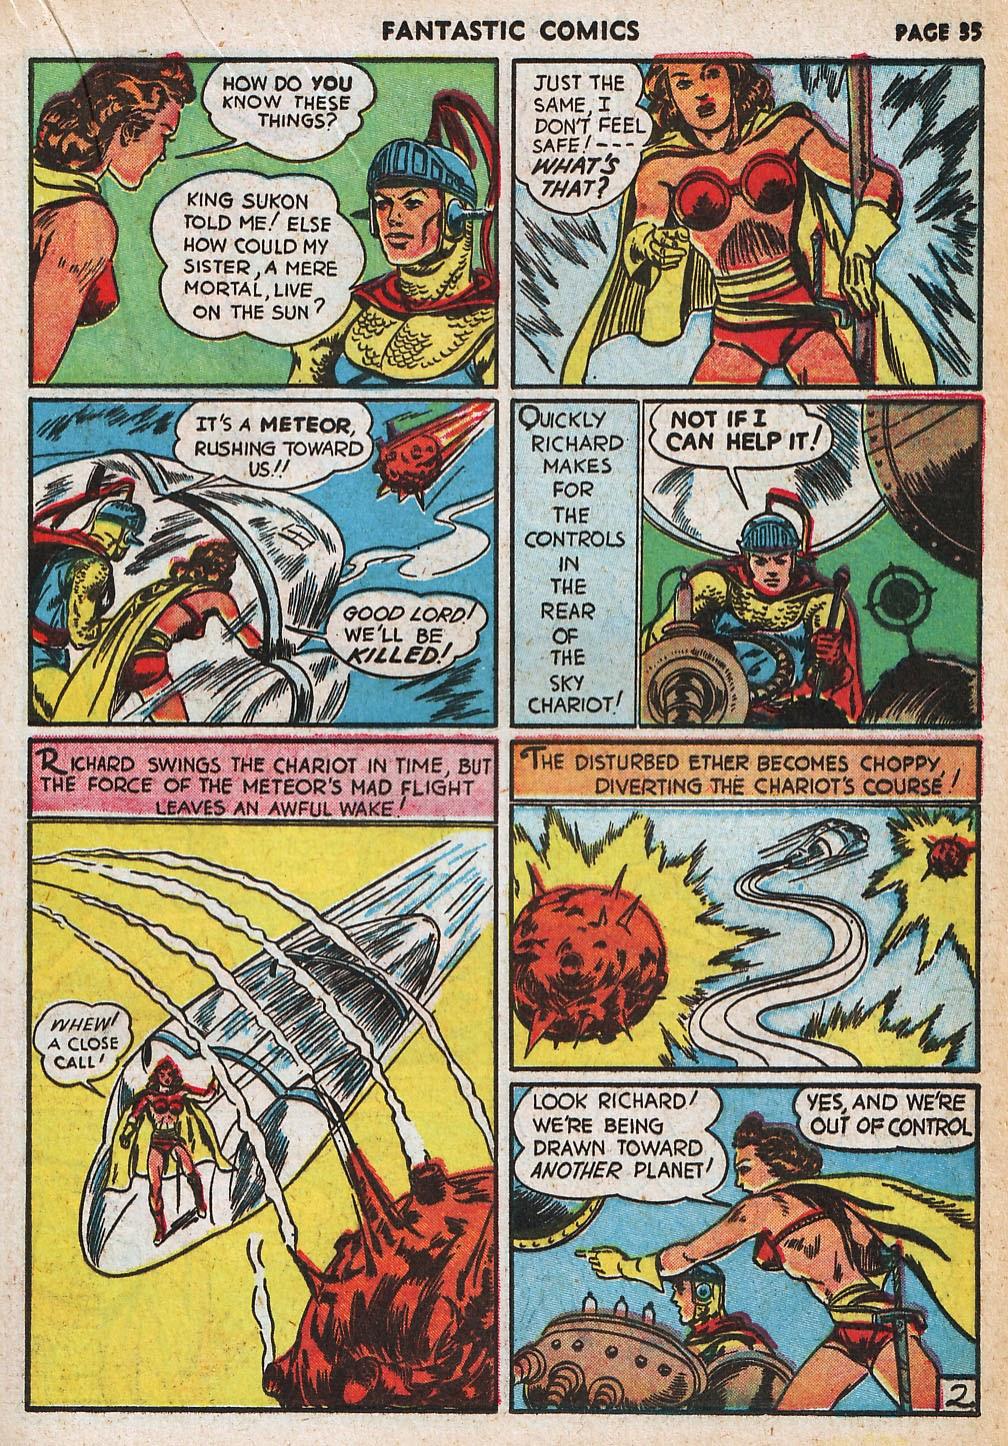 Read online Fantastic Comics comic -  Issue #20 - 35